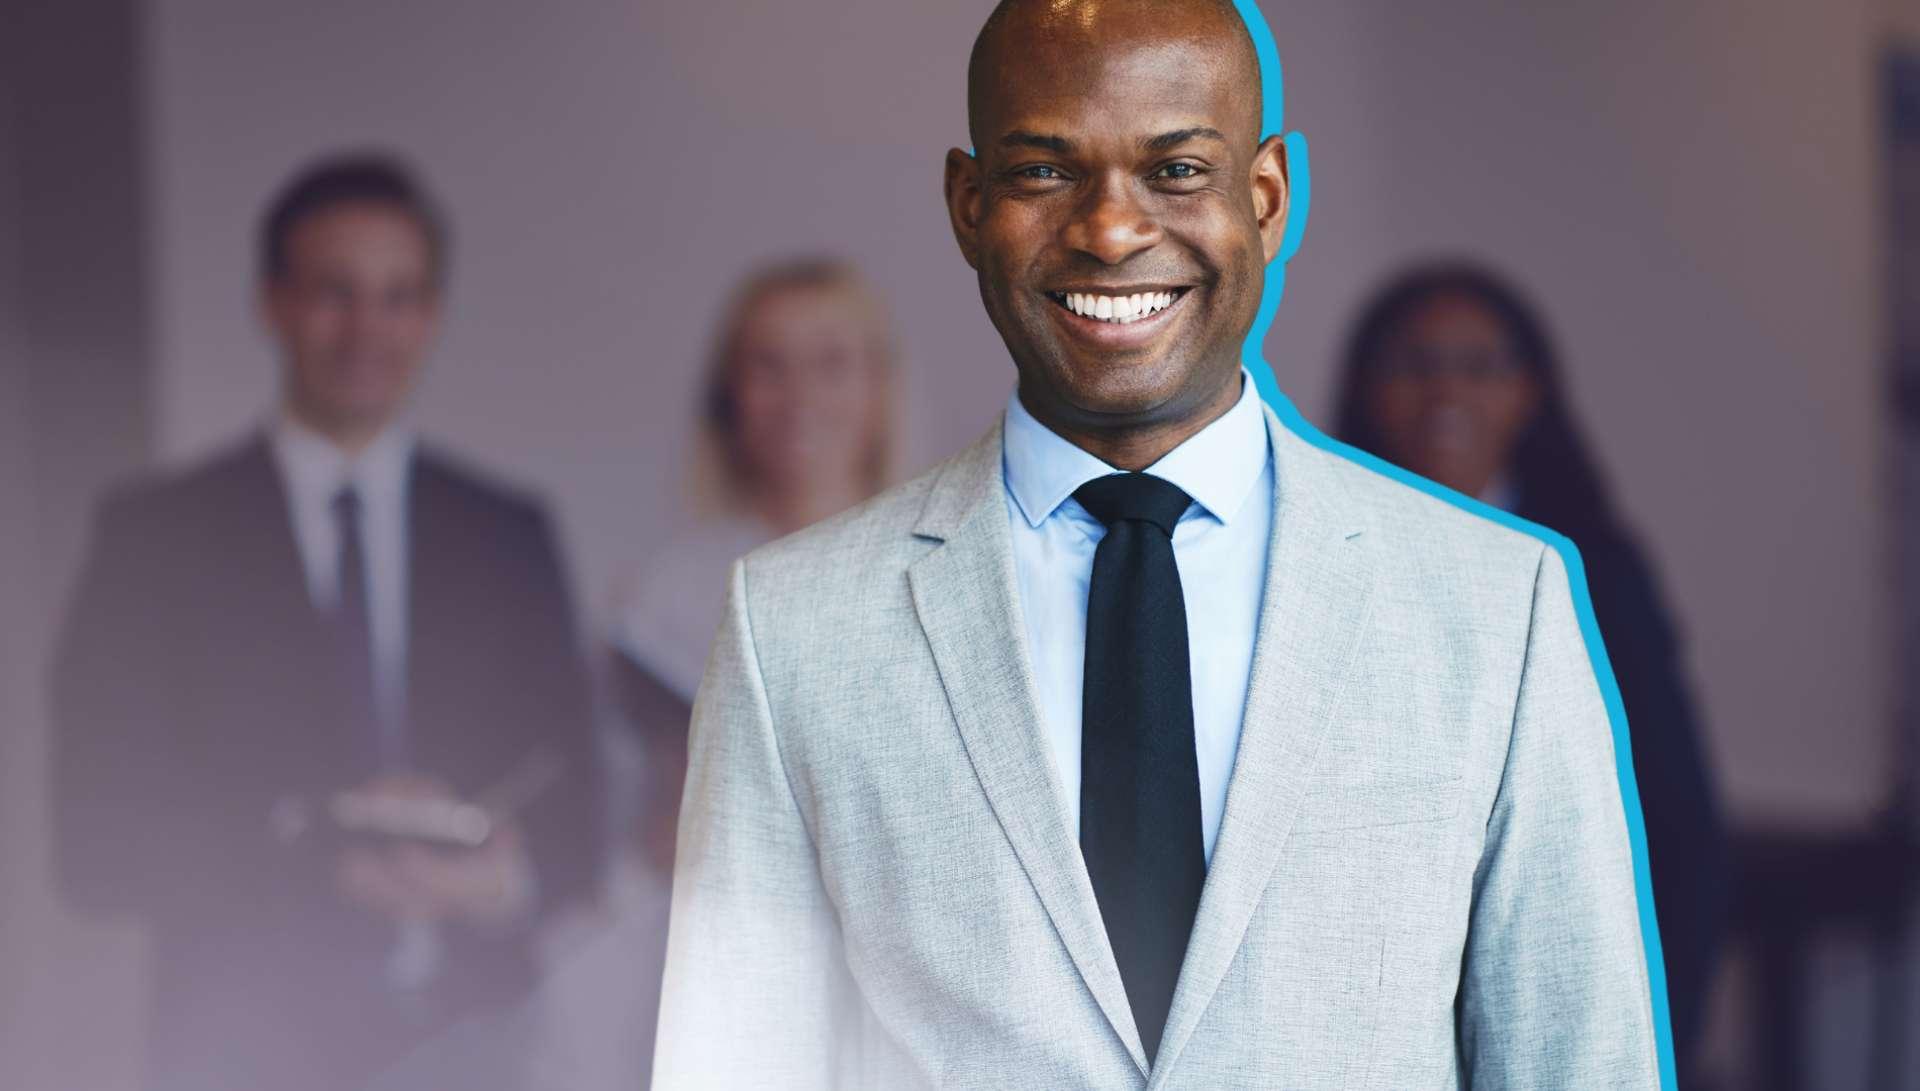 Gestão da diversidade e inclusão: por que ela é tão importante no mercado atual?